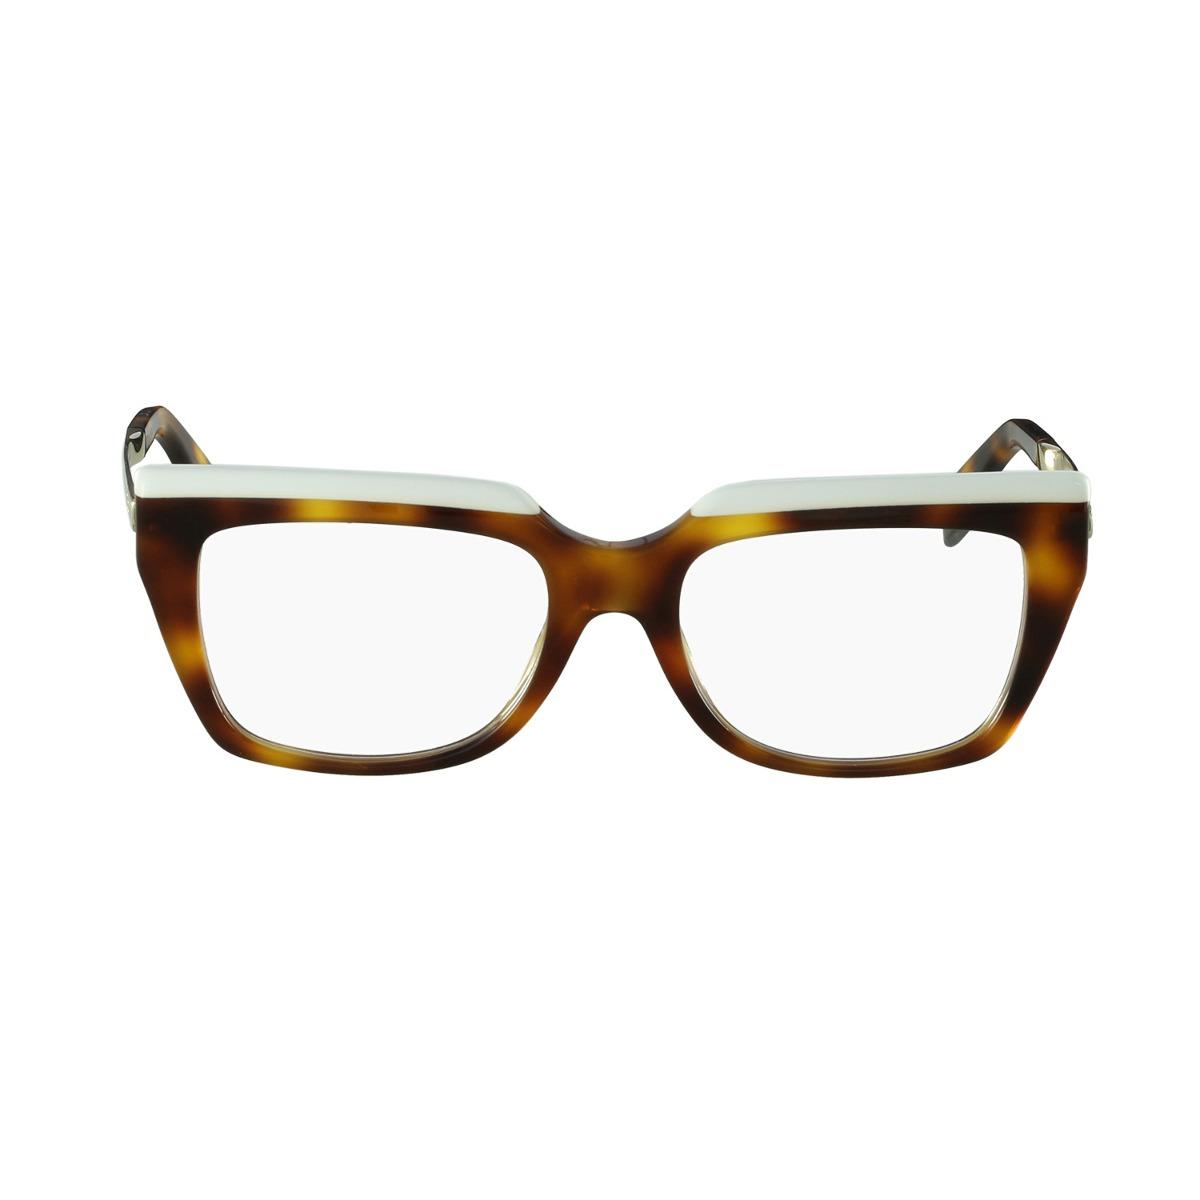 ca2a5fdde87ac Óculos De Grau Fendi Casual Marrom 29443001 - R  1.399,00 em Mercado ...